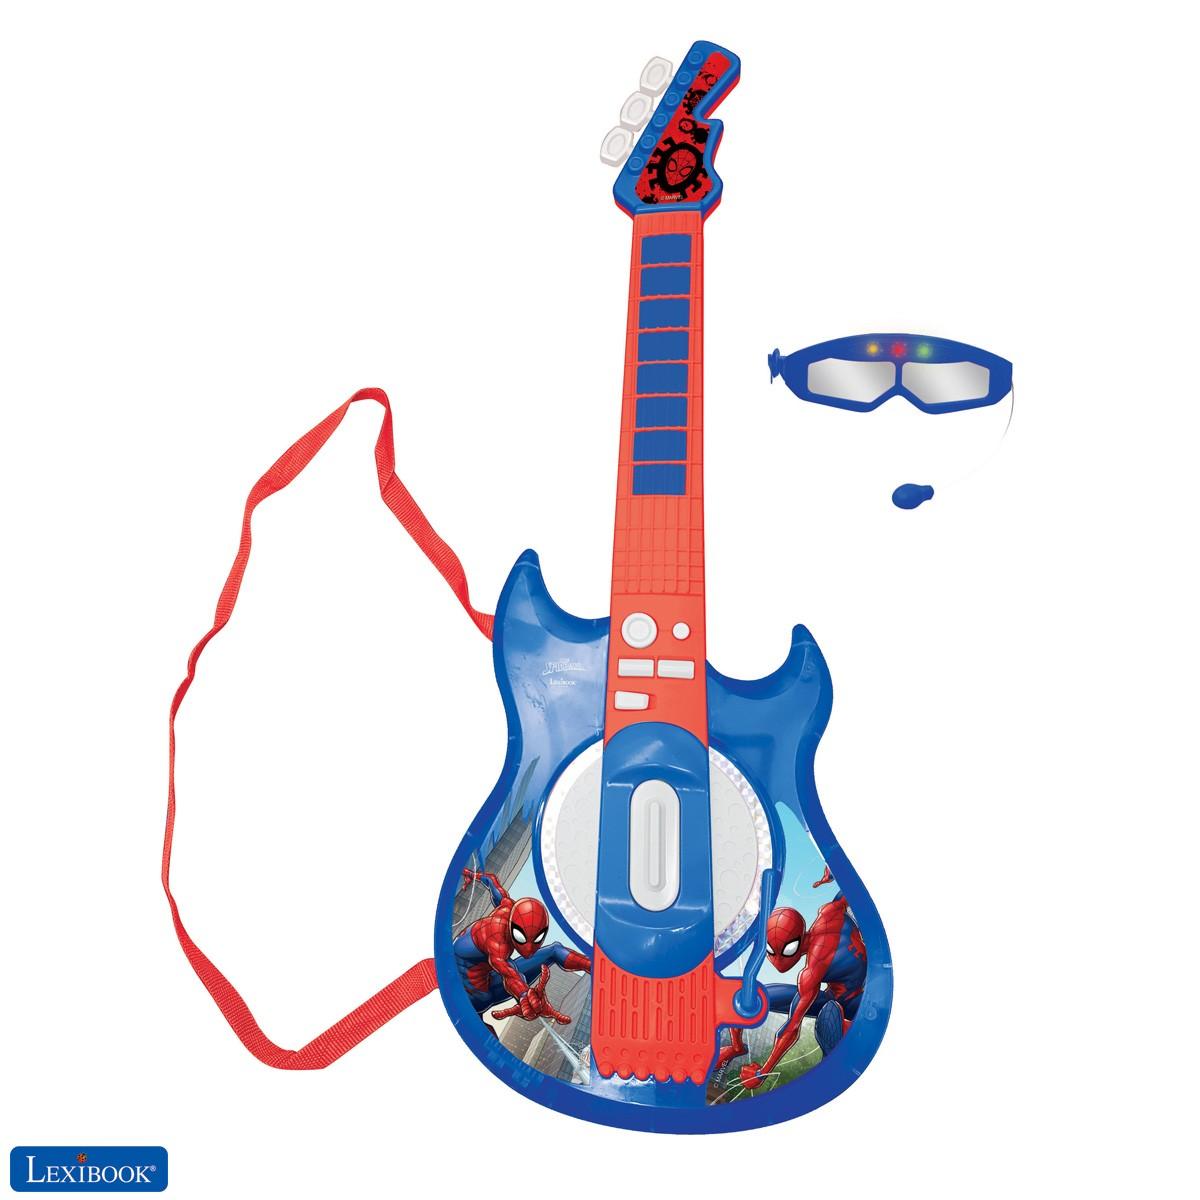 Spider-Man Chitarra elettronica illuminata con microfono